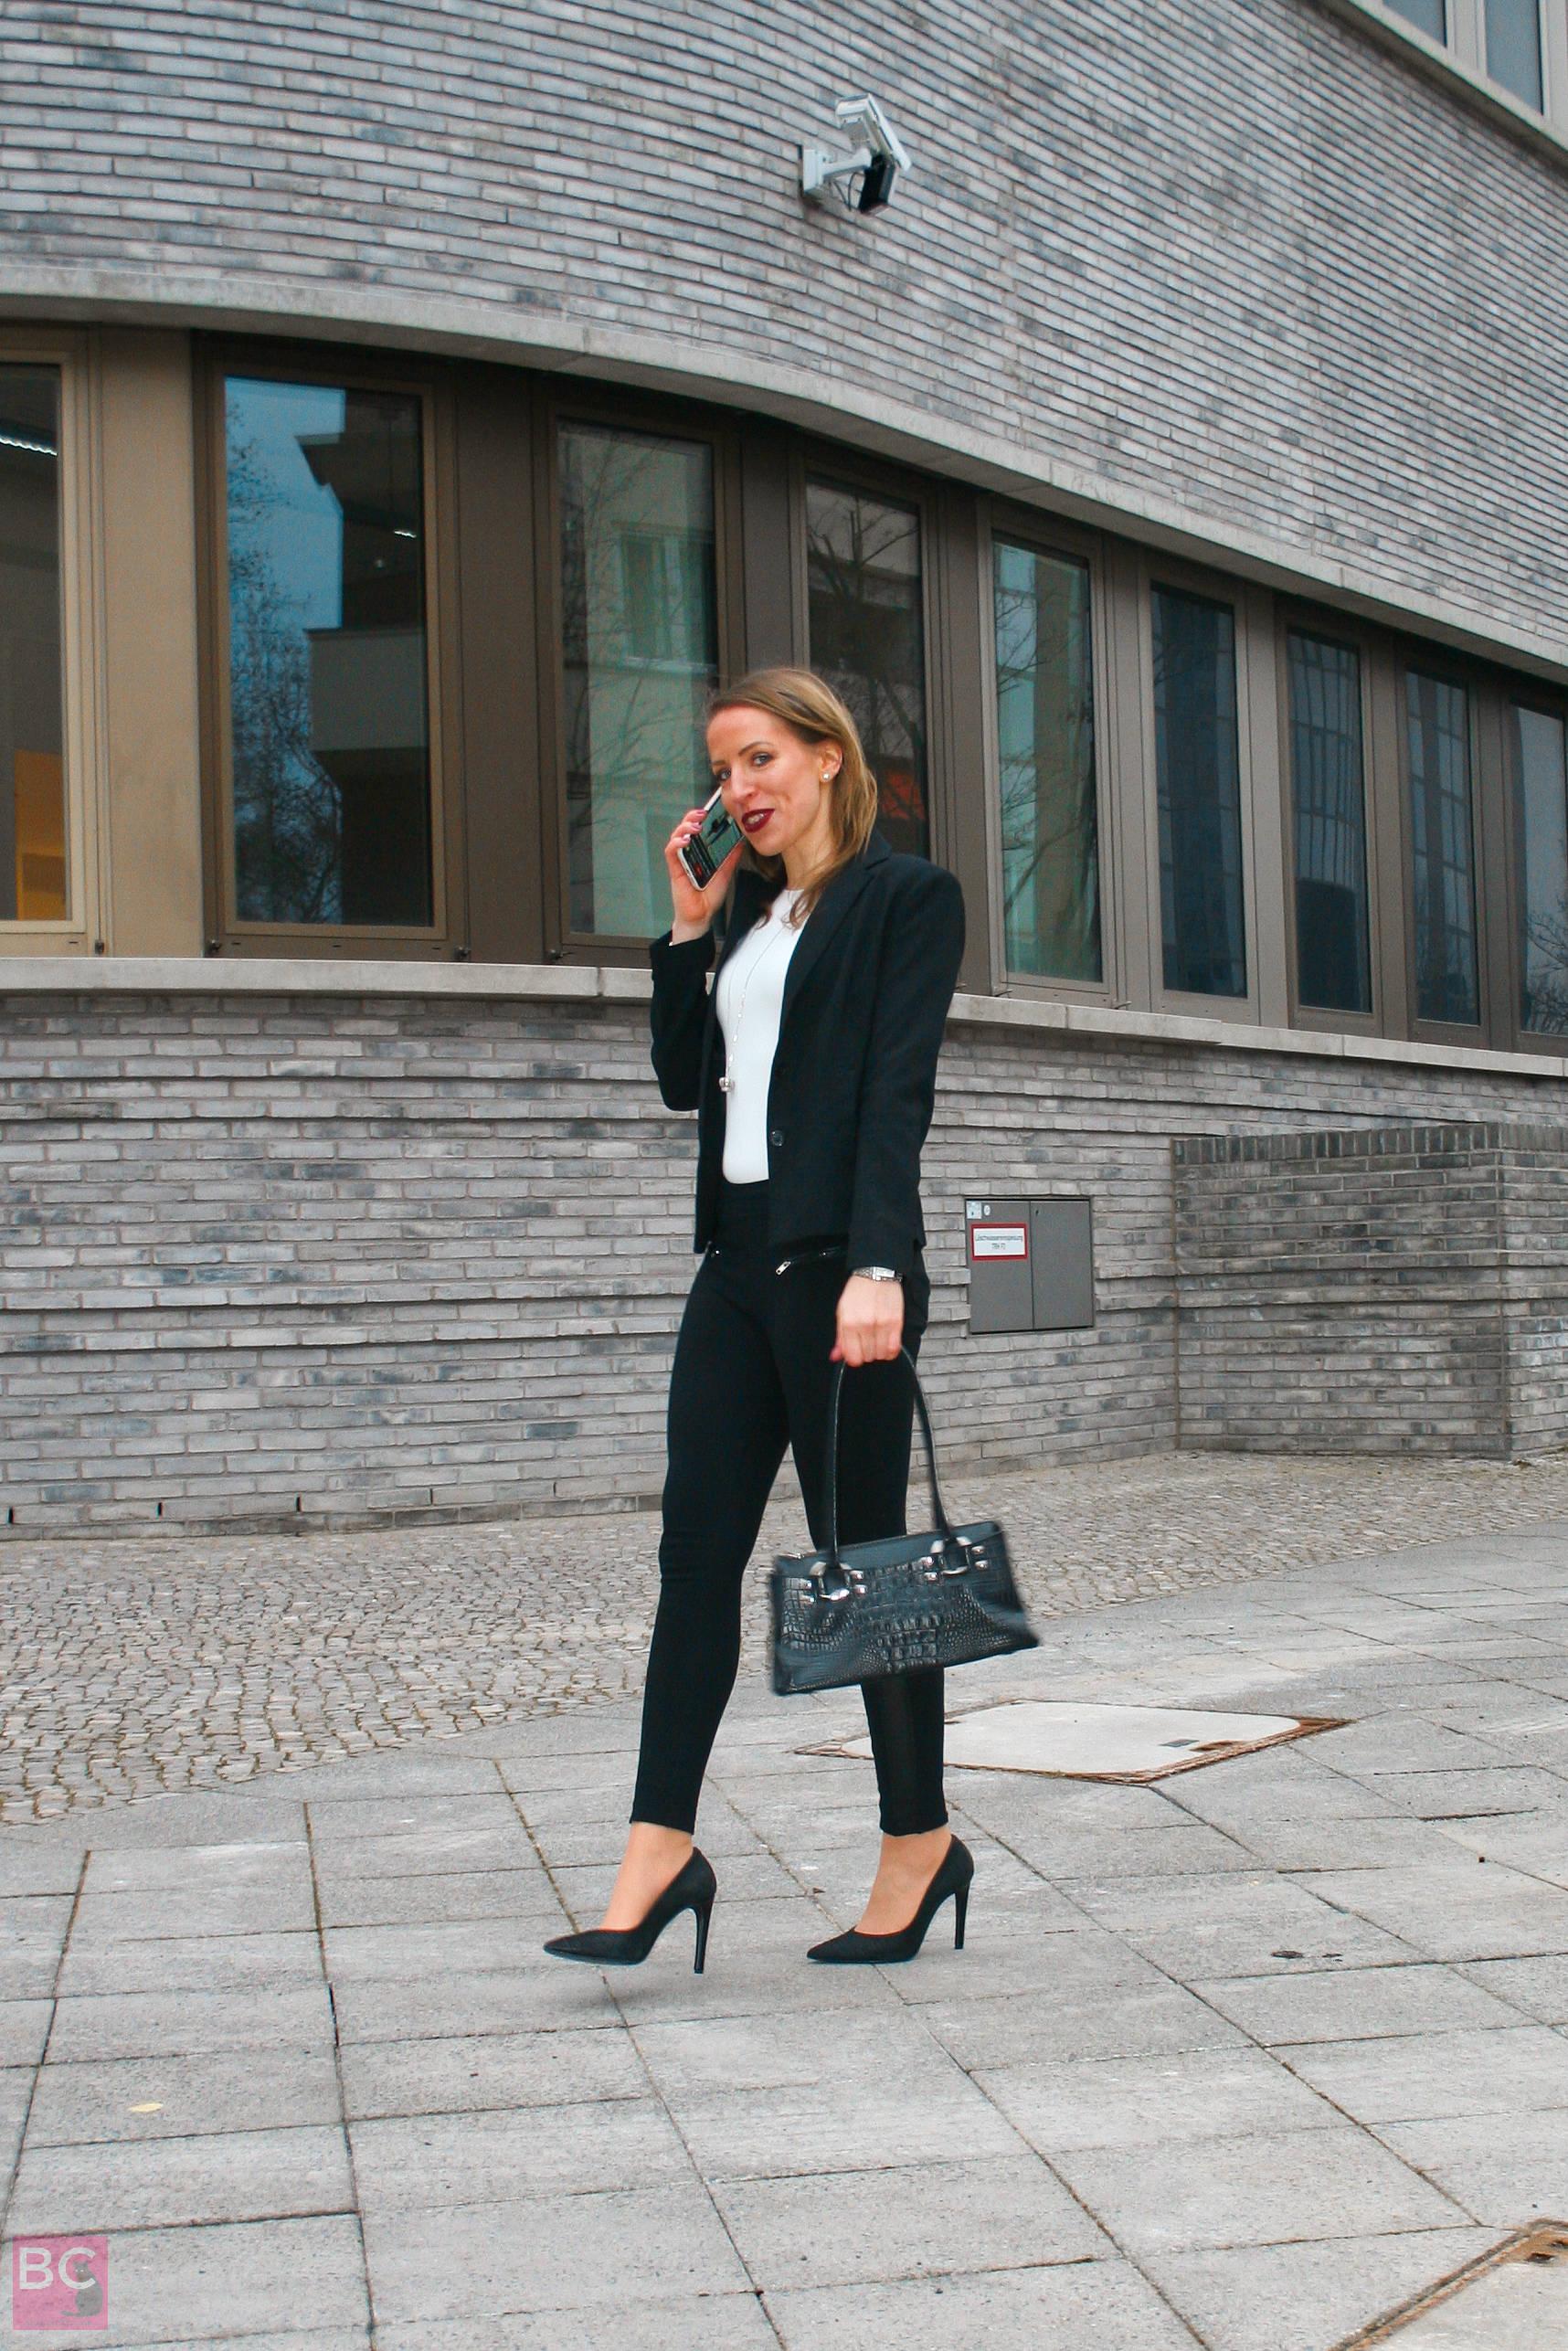 The Alena Bodysuit Erfahrungen Les Lunes Größe S perfekt zu kombinieren und für Büro-Look mit Blazer.